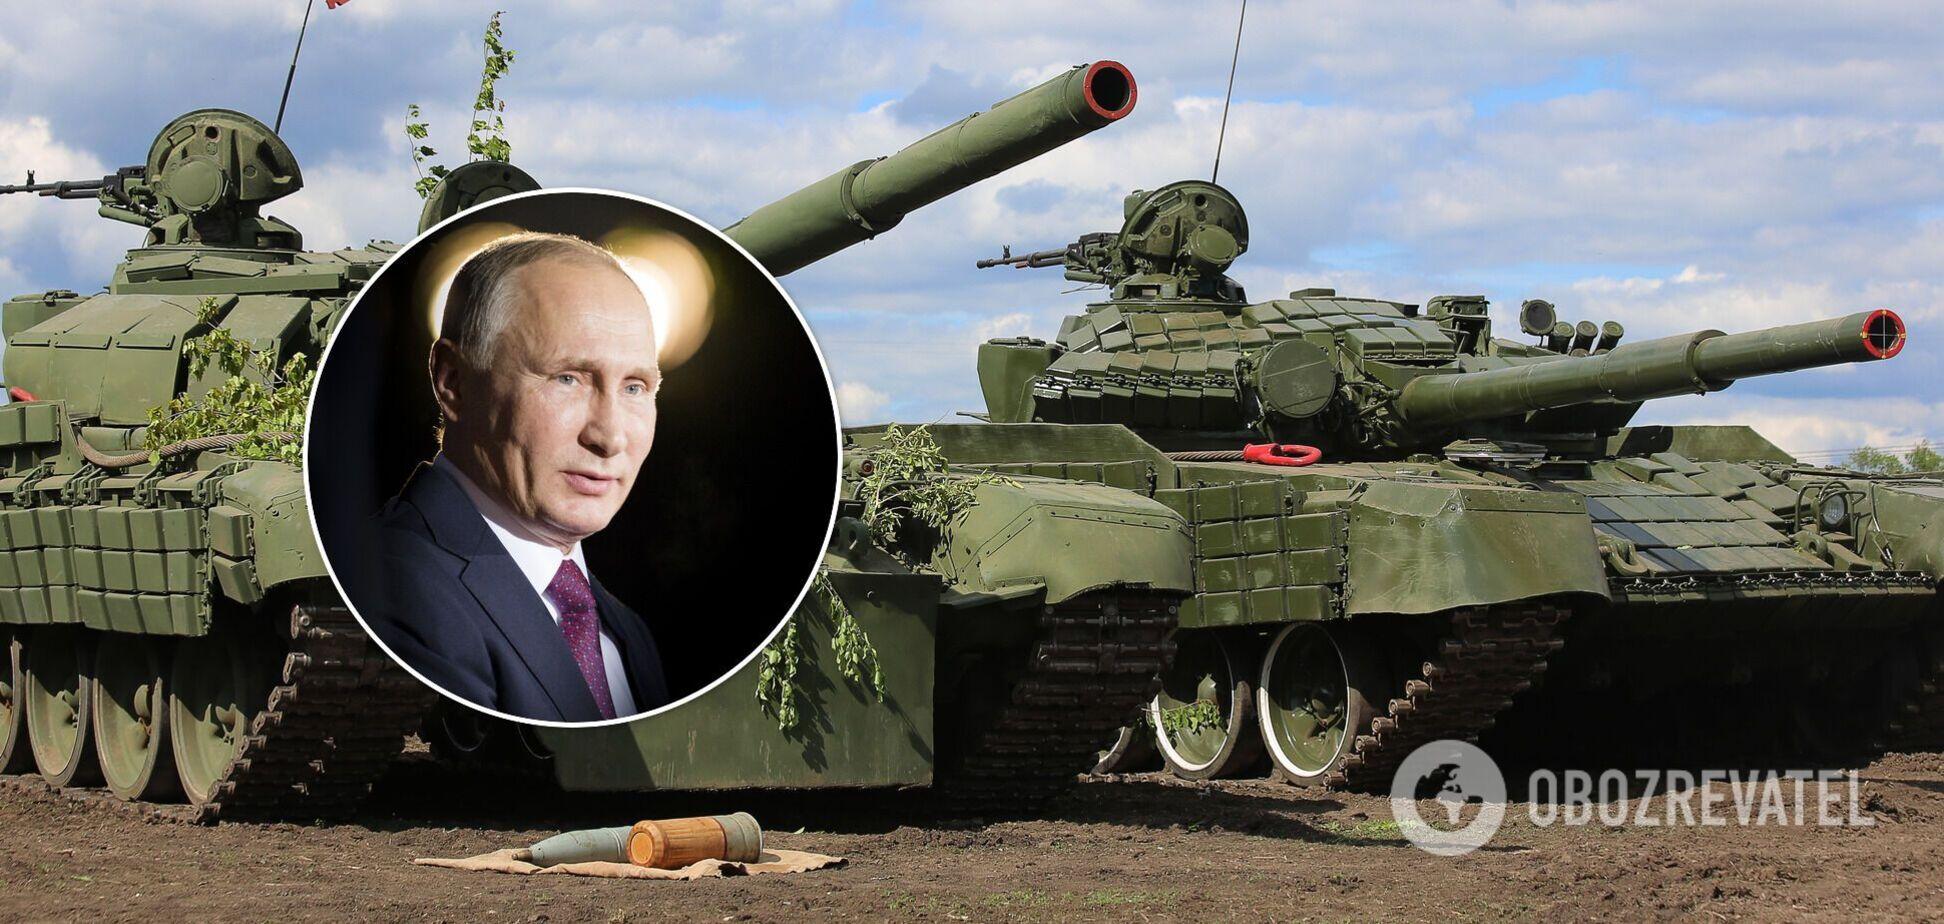 Полозов: Путін готовий вводити на Донбас регулярні війська і пробивати коридор до Криму